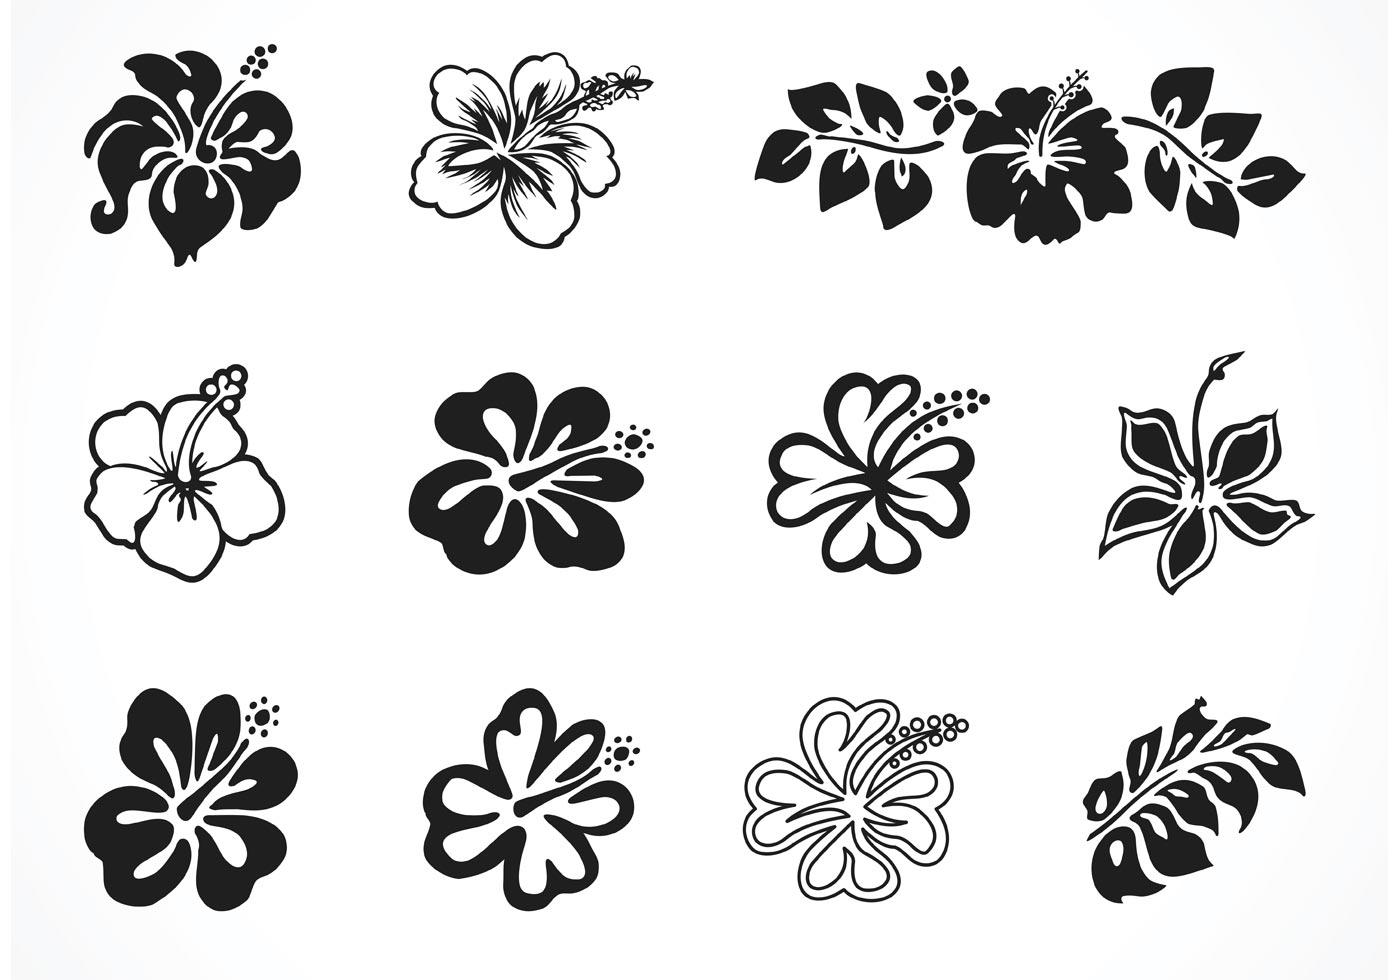 free vector graphic hibiscus - photo #3